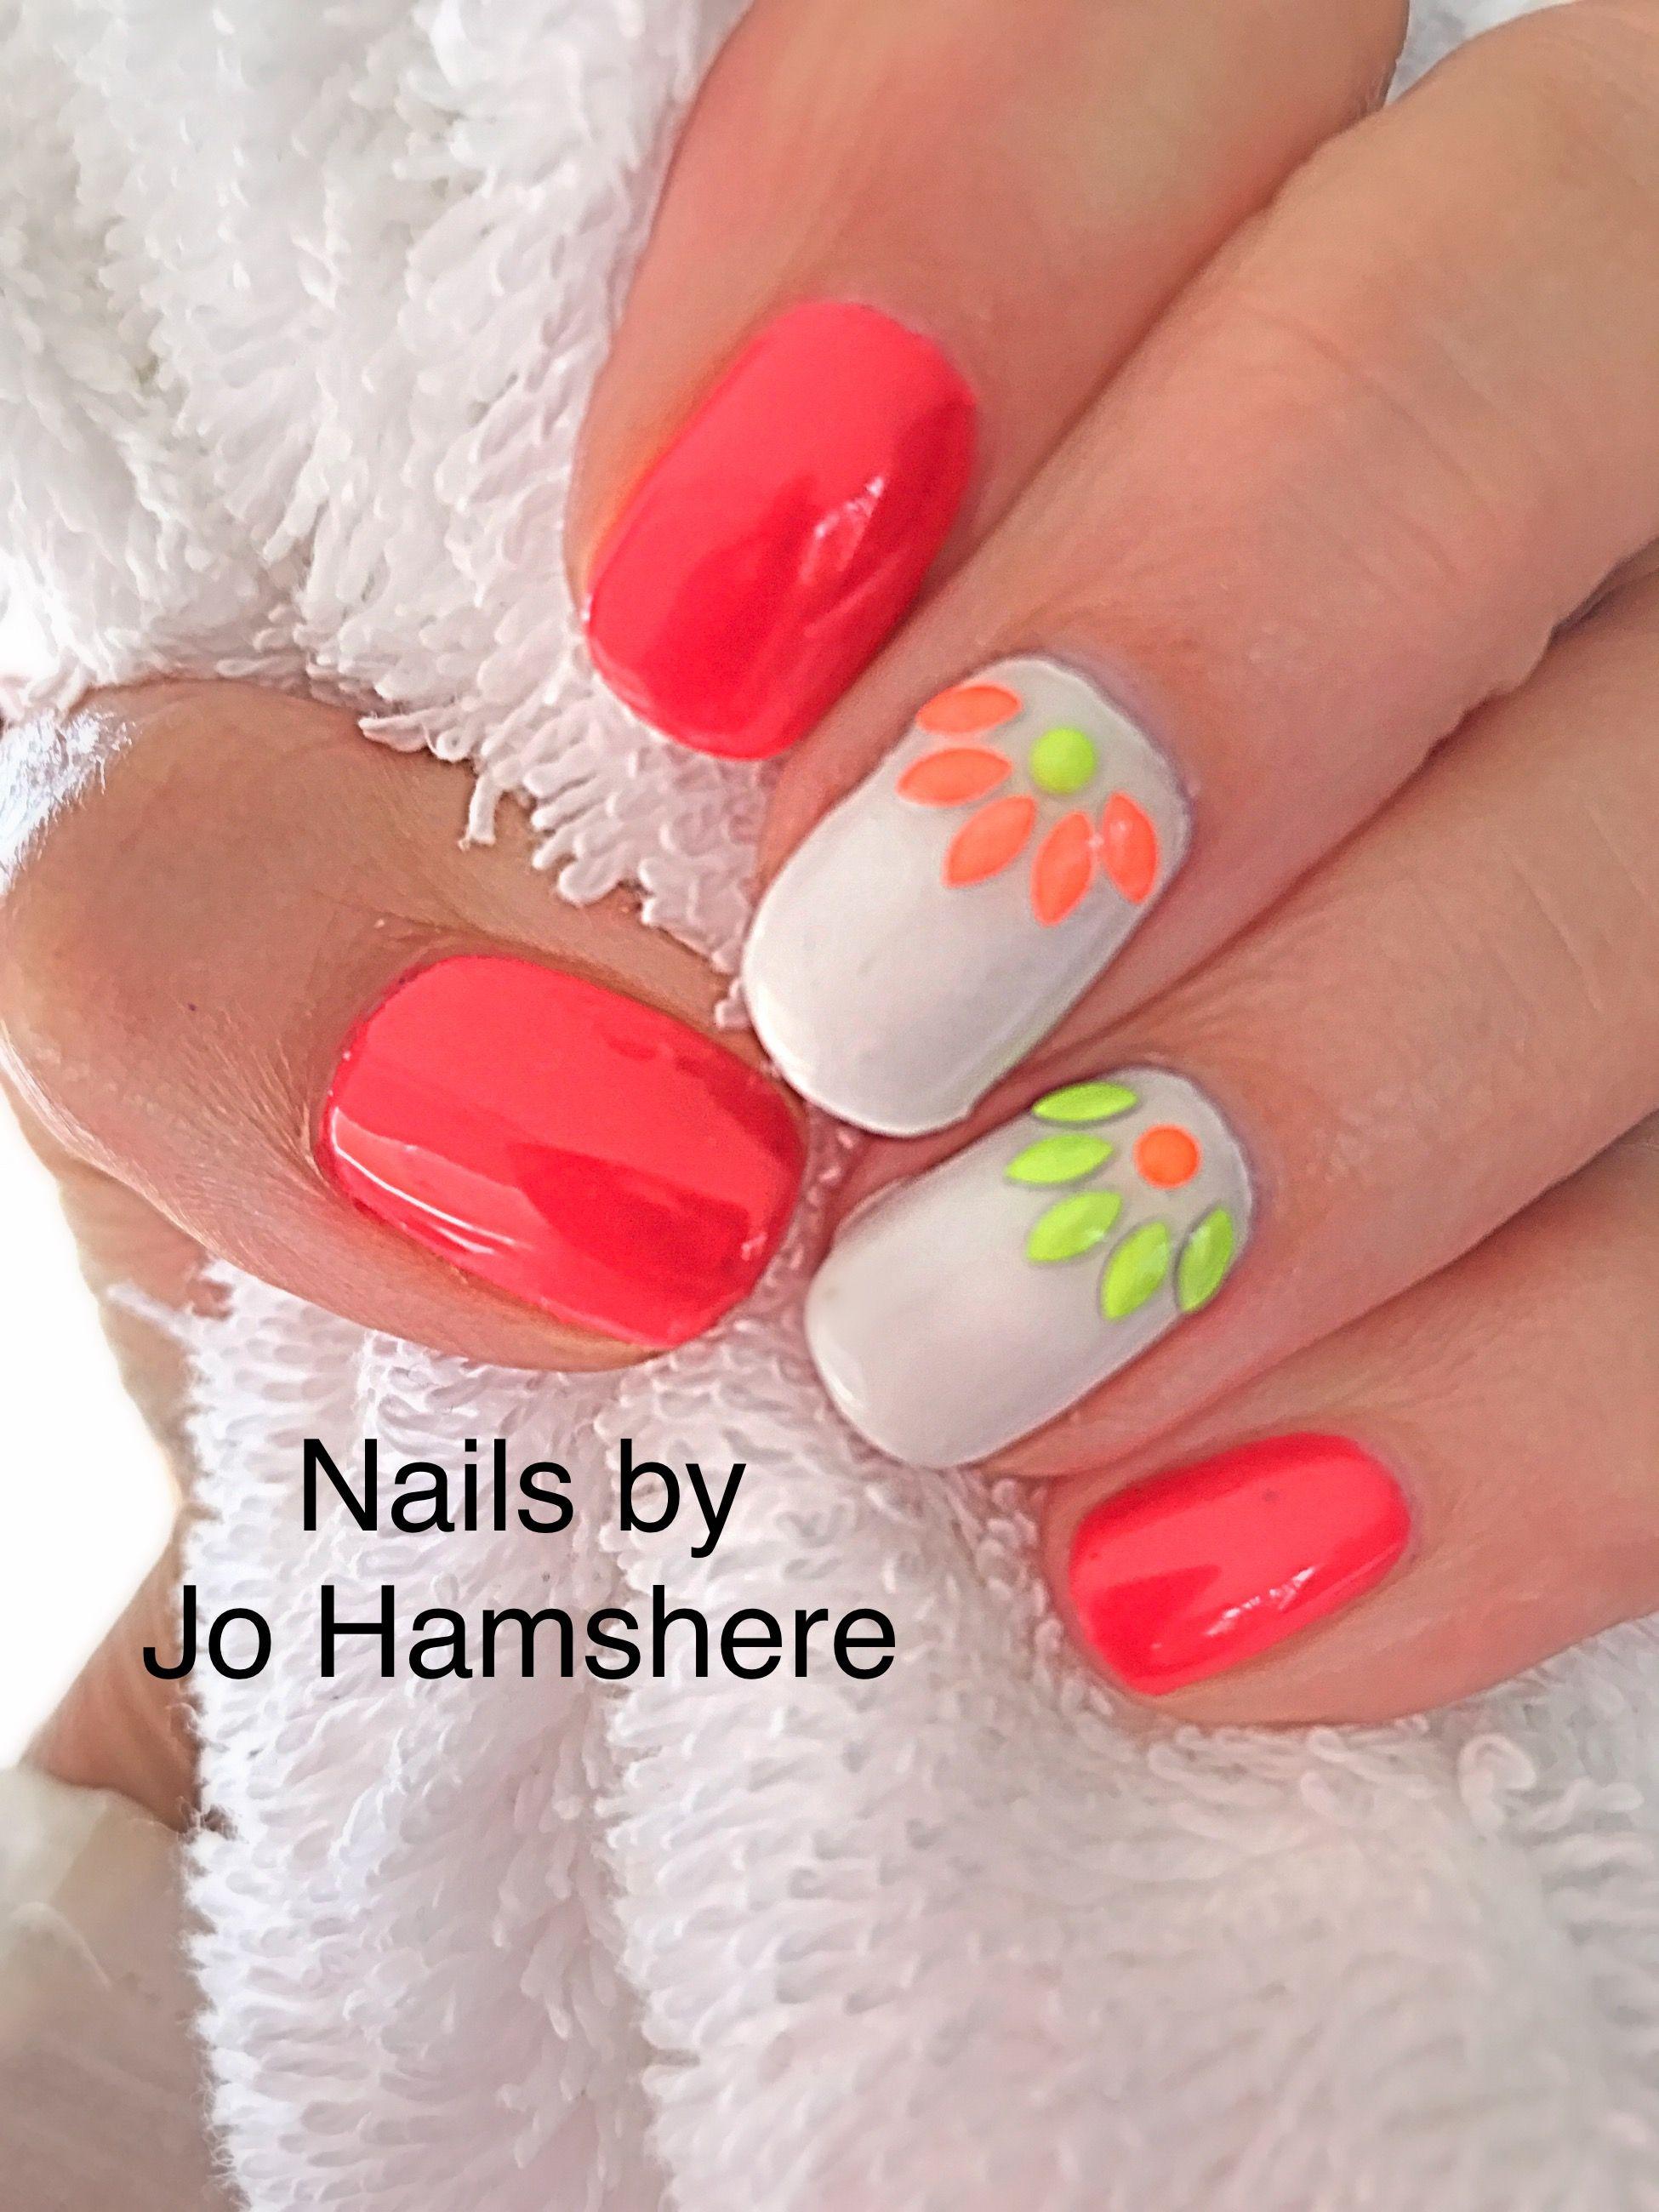 Summer Nail Design In Cnd Shellac Shellac Nail Art Shellac Nail Designs Cnd Shellac Nails